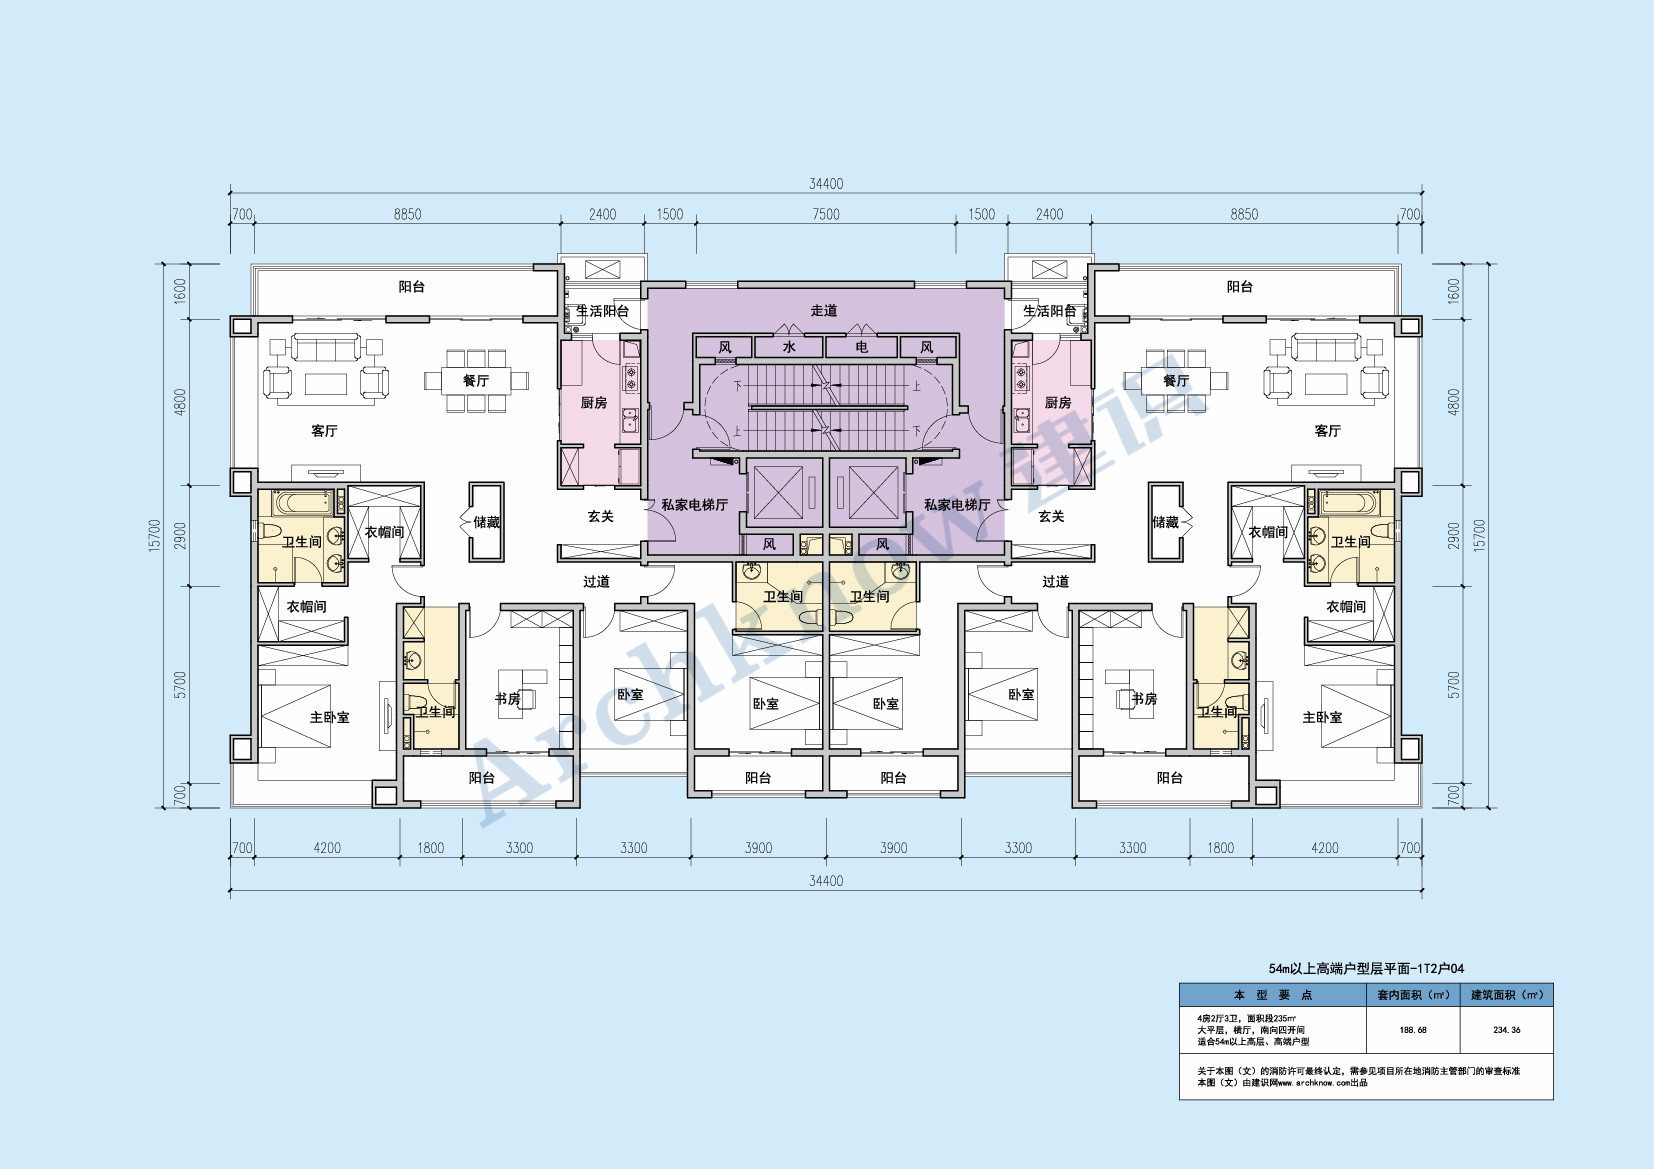 消防控制室设计规范_54m以上高端户型层平面-1T2户04 - 建识网_大家的建筑设计资源平台 ...